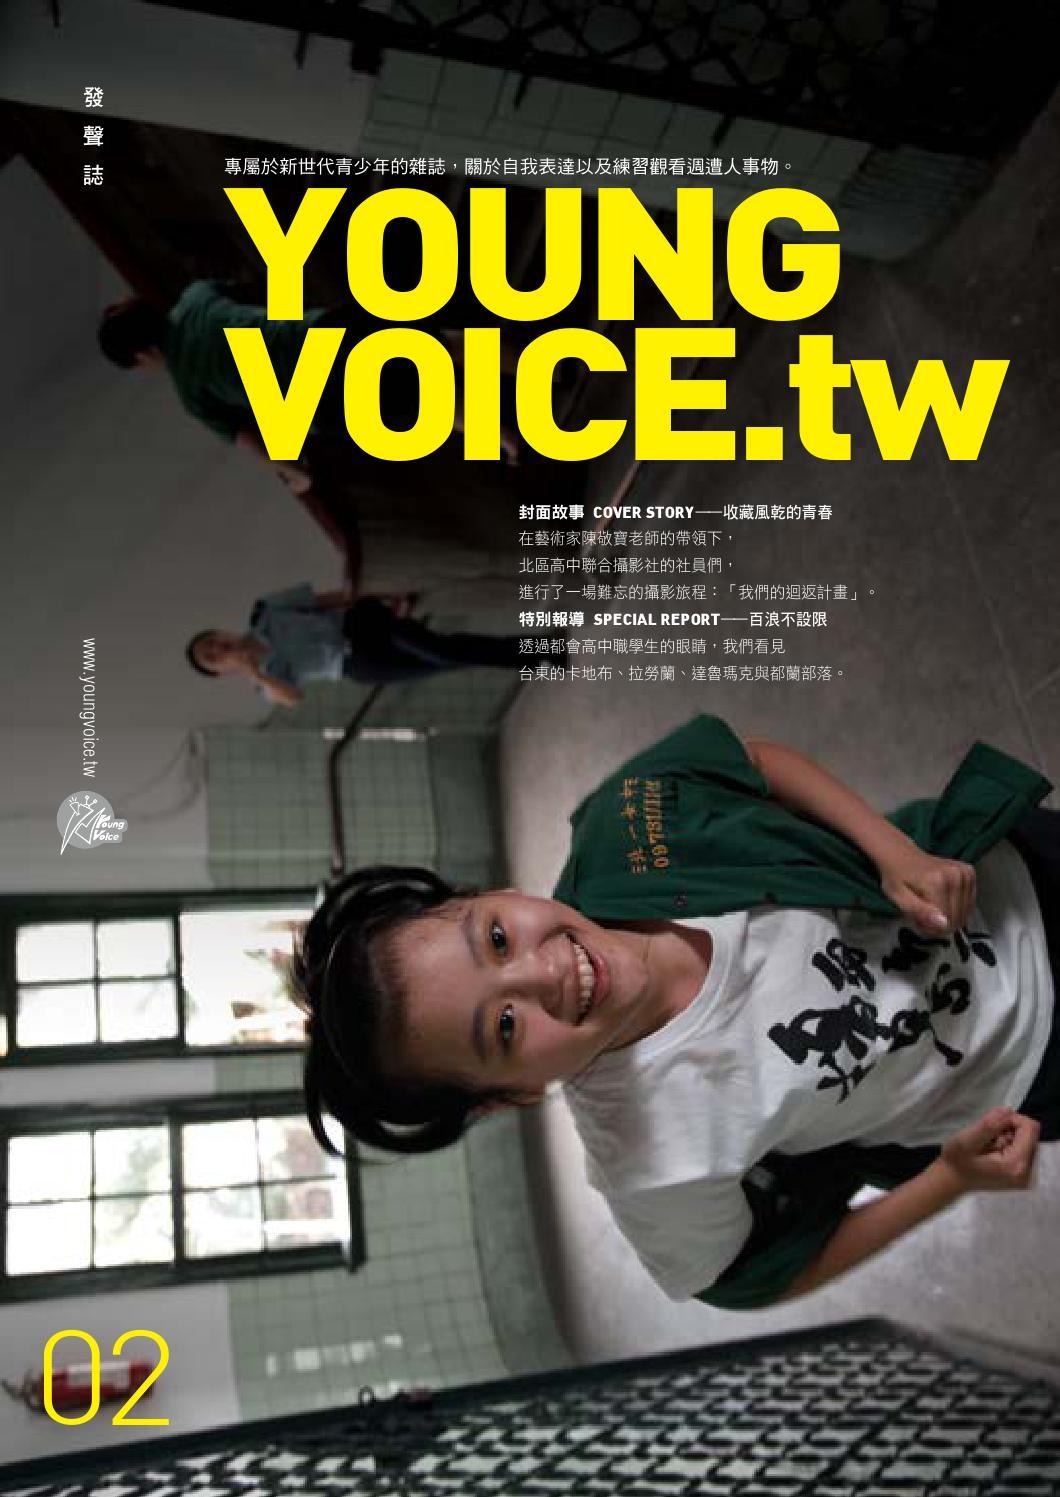 發聲誌第二期by Young Voice Issuu